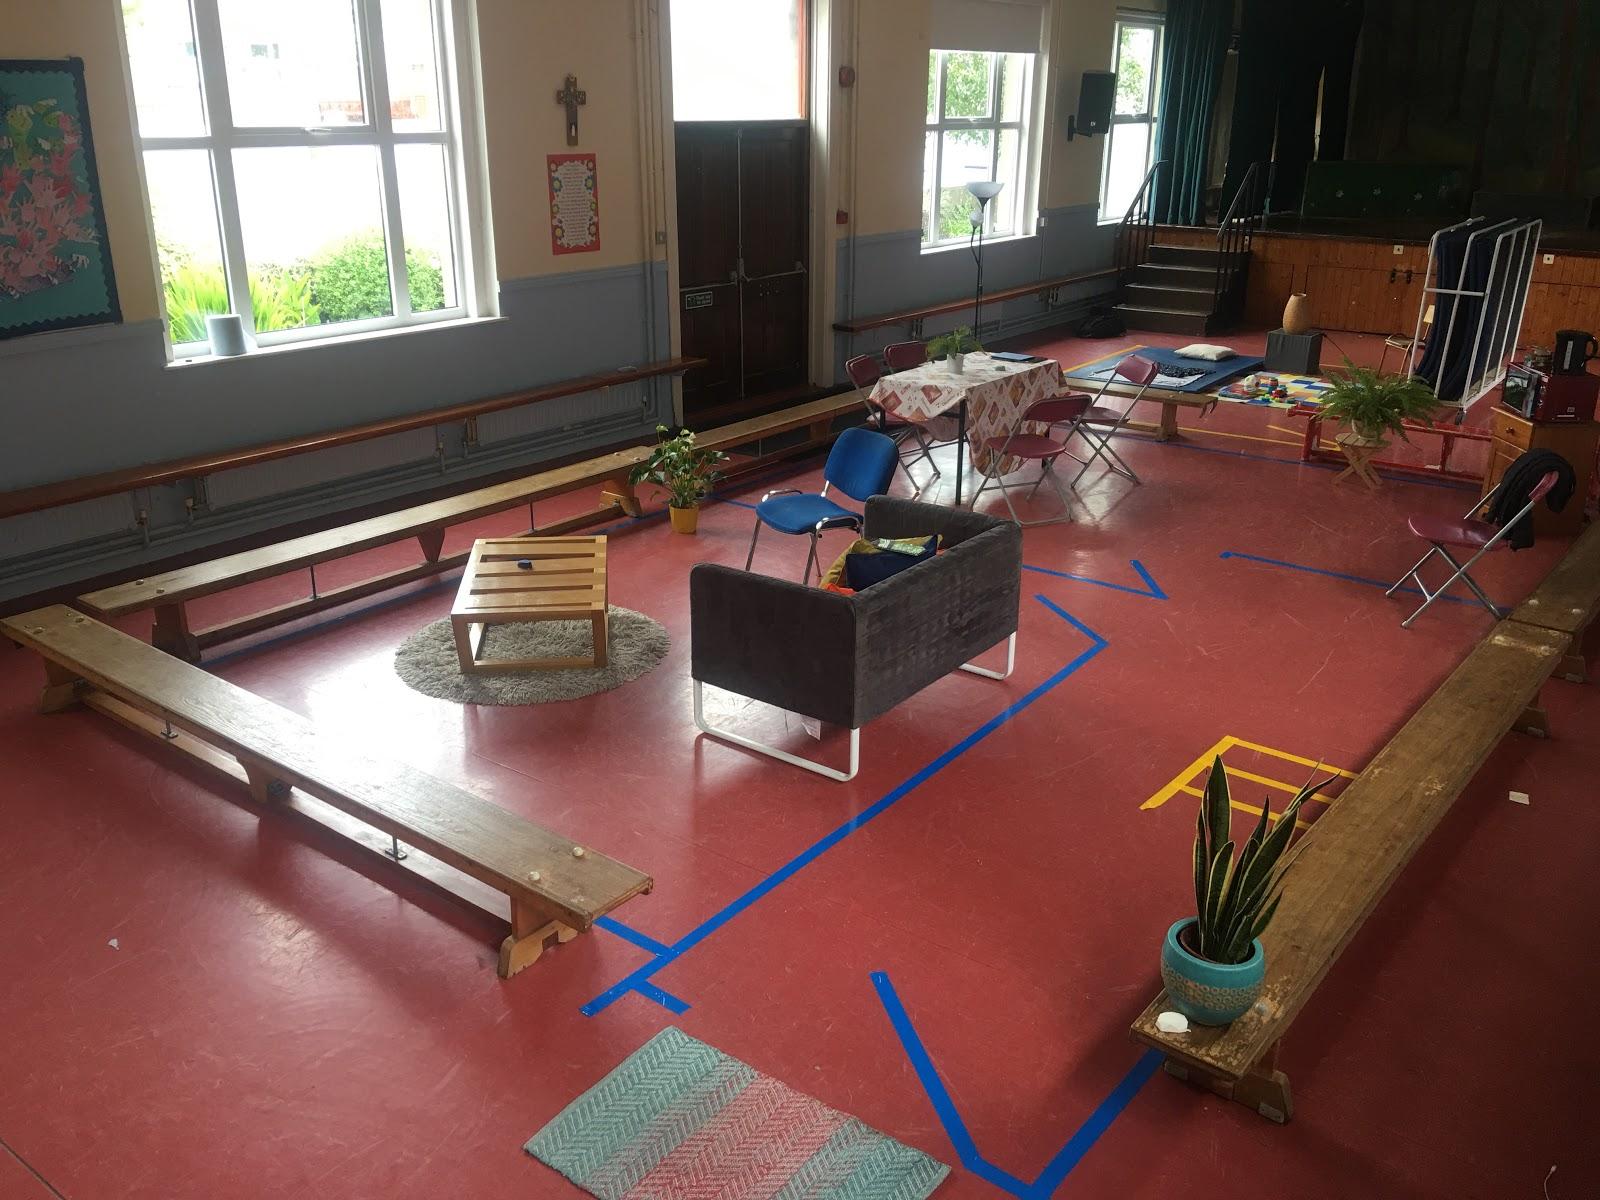 Recreation of Róisín's house floor plan